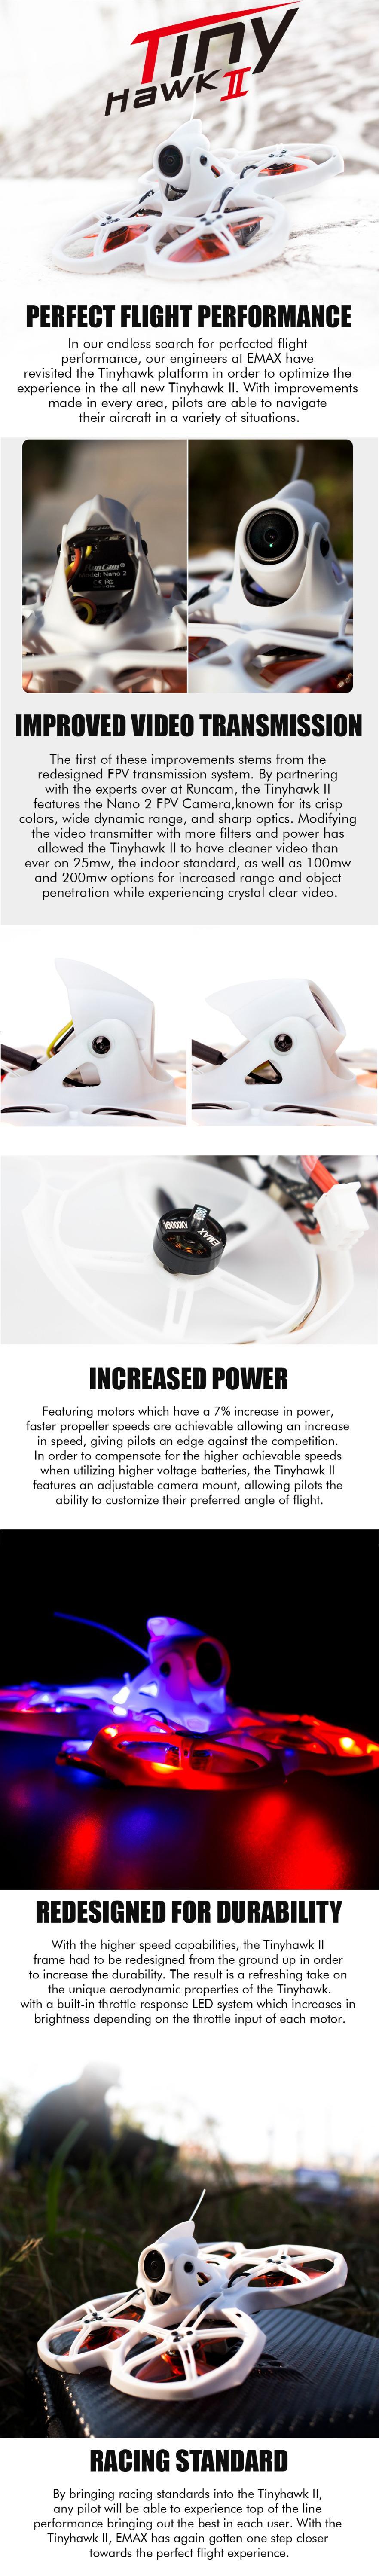 Emax TinyHawk 2 racing whoop drone info